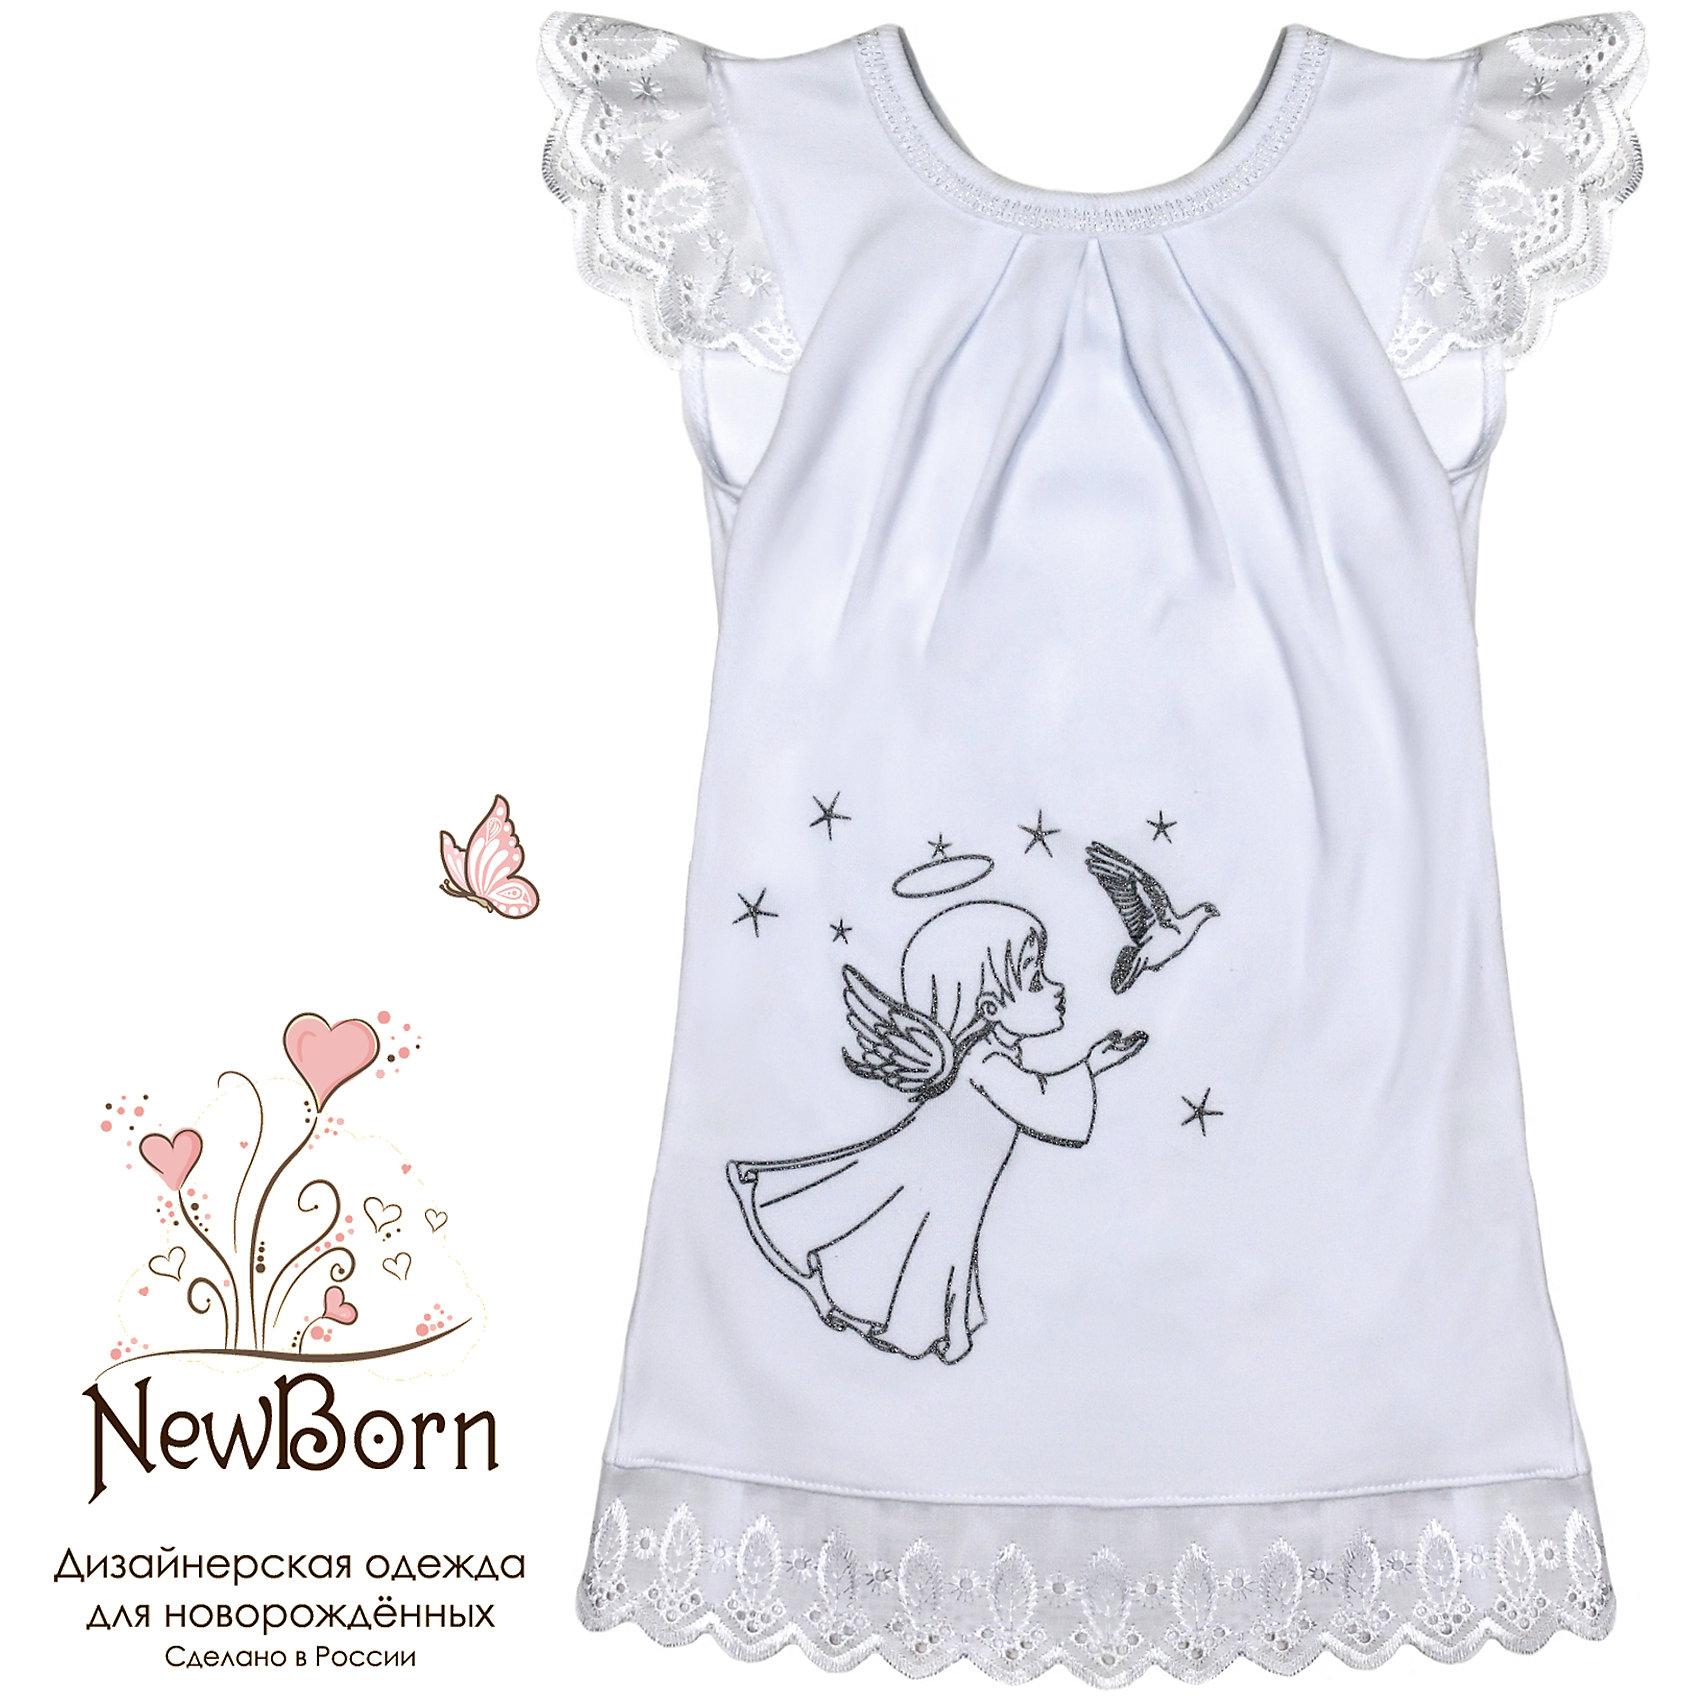 Крестильное платье, шитье, р-р 86, NewBorn, белыйПлатья<br>Характеристики:<br><br>• Вид детской одежды: платье с капюшоном<br>• Предназначение: для крещения<br>• Коллекция: NewBorn<br>• Сезон: круглый год<br>• Пол: для девочки<br>• Тематика рисунка: ангелы<br>• Размер: 86<br>• Цвет: белый, серый<br>• Материал: трикотаж, хлопок<br>• Длина рукава: без рукавов<br>• Декорировано шитьем<br>• Передняя полочка украшена термонаклейкой в виде ангела<br>• Особенности ухода: допускается деликатная стирка без использования красящих и отбеливающих средств<br><br>Крестильное платье, шитье, р-р 86, NewBorn, белый из коллекции NewBorn от отечественного швейного производства ТексПром предназначено для создания праздничного образа девочки во время торжественного обряда крещения. Платье представлено в коллекции NewBorn, которая сочетает в себе классические и современные тенденции в мире моды для новорожденных, при этом при технологии изготовления детской одежды сохраняются самые лучшие традиции: свободный крой, внешние швы и натуральные ткани. Платье выполнено из трикотажа, круглый вырез горловины обработан трикотажной бейкой белого цвета. Праздничный образ создается за использования в отделке платья шитья белого цвета: им оформлены рукава-крылышки и низ платья, передняя полочка декорирована термонаклейкой в виде ангела. <br><br>Крестильное платье с капюшоном, тесьма, р-р 86, NewBorn, белый можно купить в нашем интернет-магазине.<br><br>Ширина мм: 220<br>Глубина мм: 5<br>Высота мм: 400<br>Вес г: 200<br>Возраст от месяцев: 12<br>Возраст до месяцев: 18<br>Пол: Женский<br>Возраст: Детский<br>SKU: 4912533